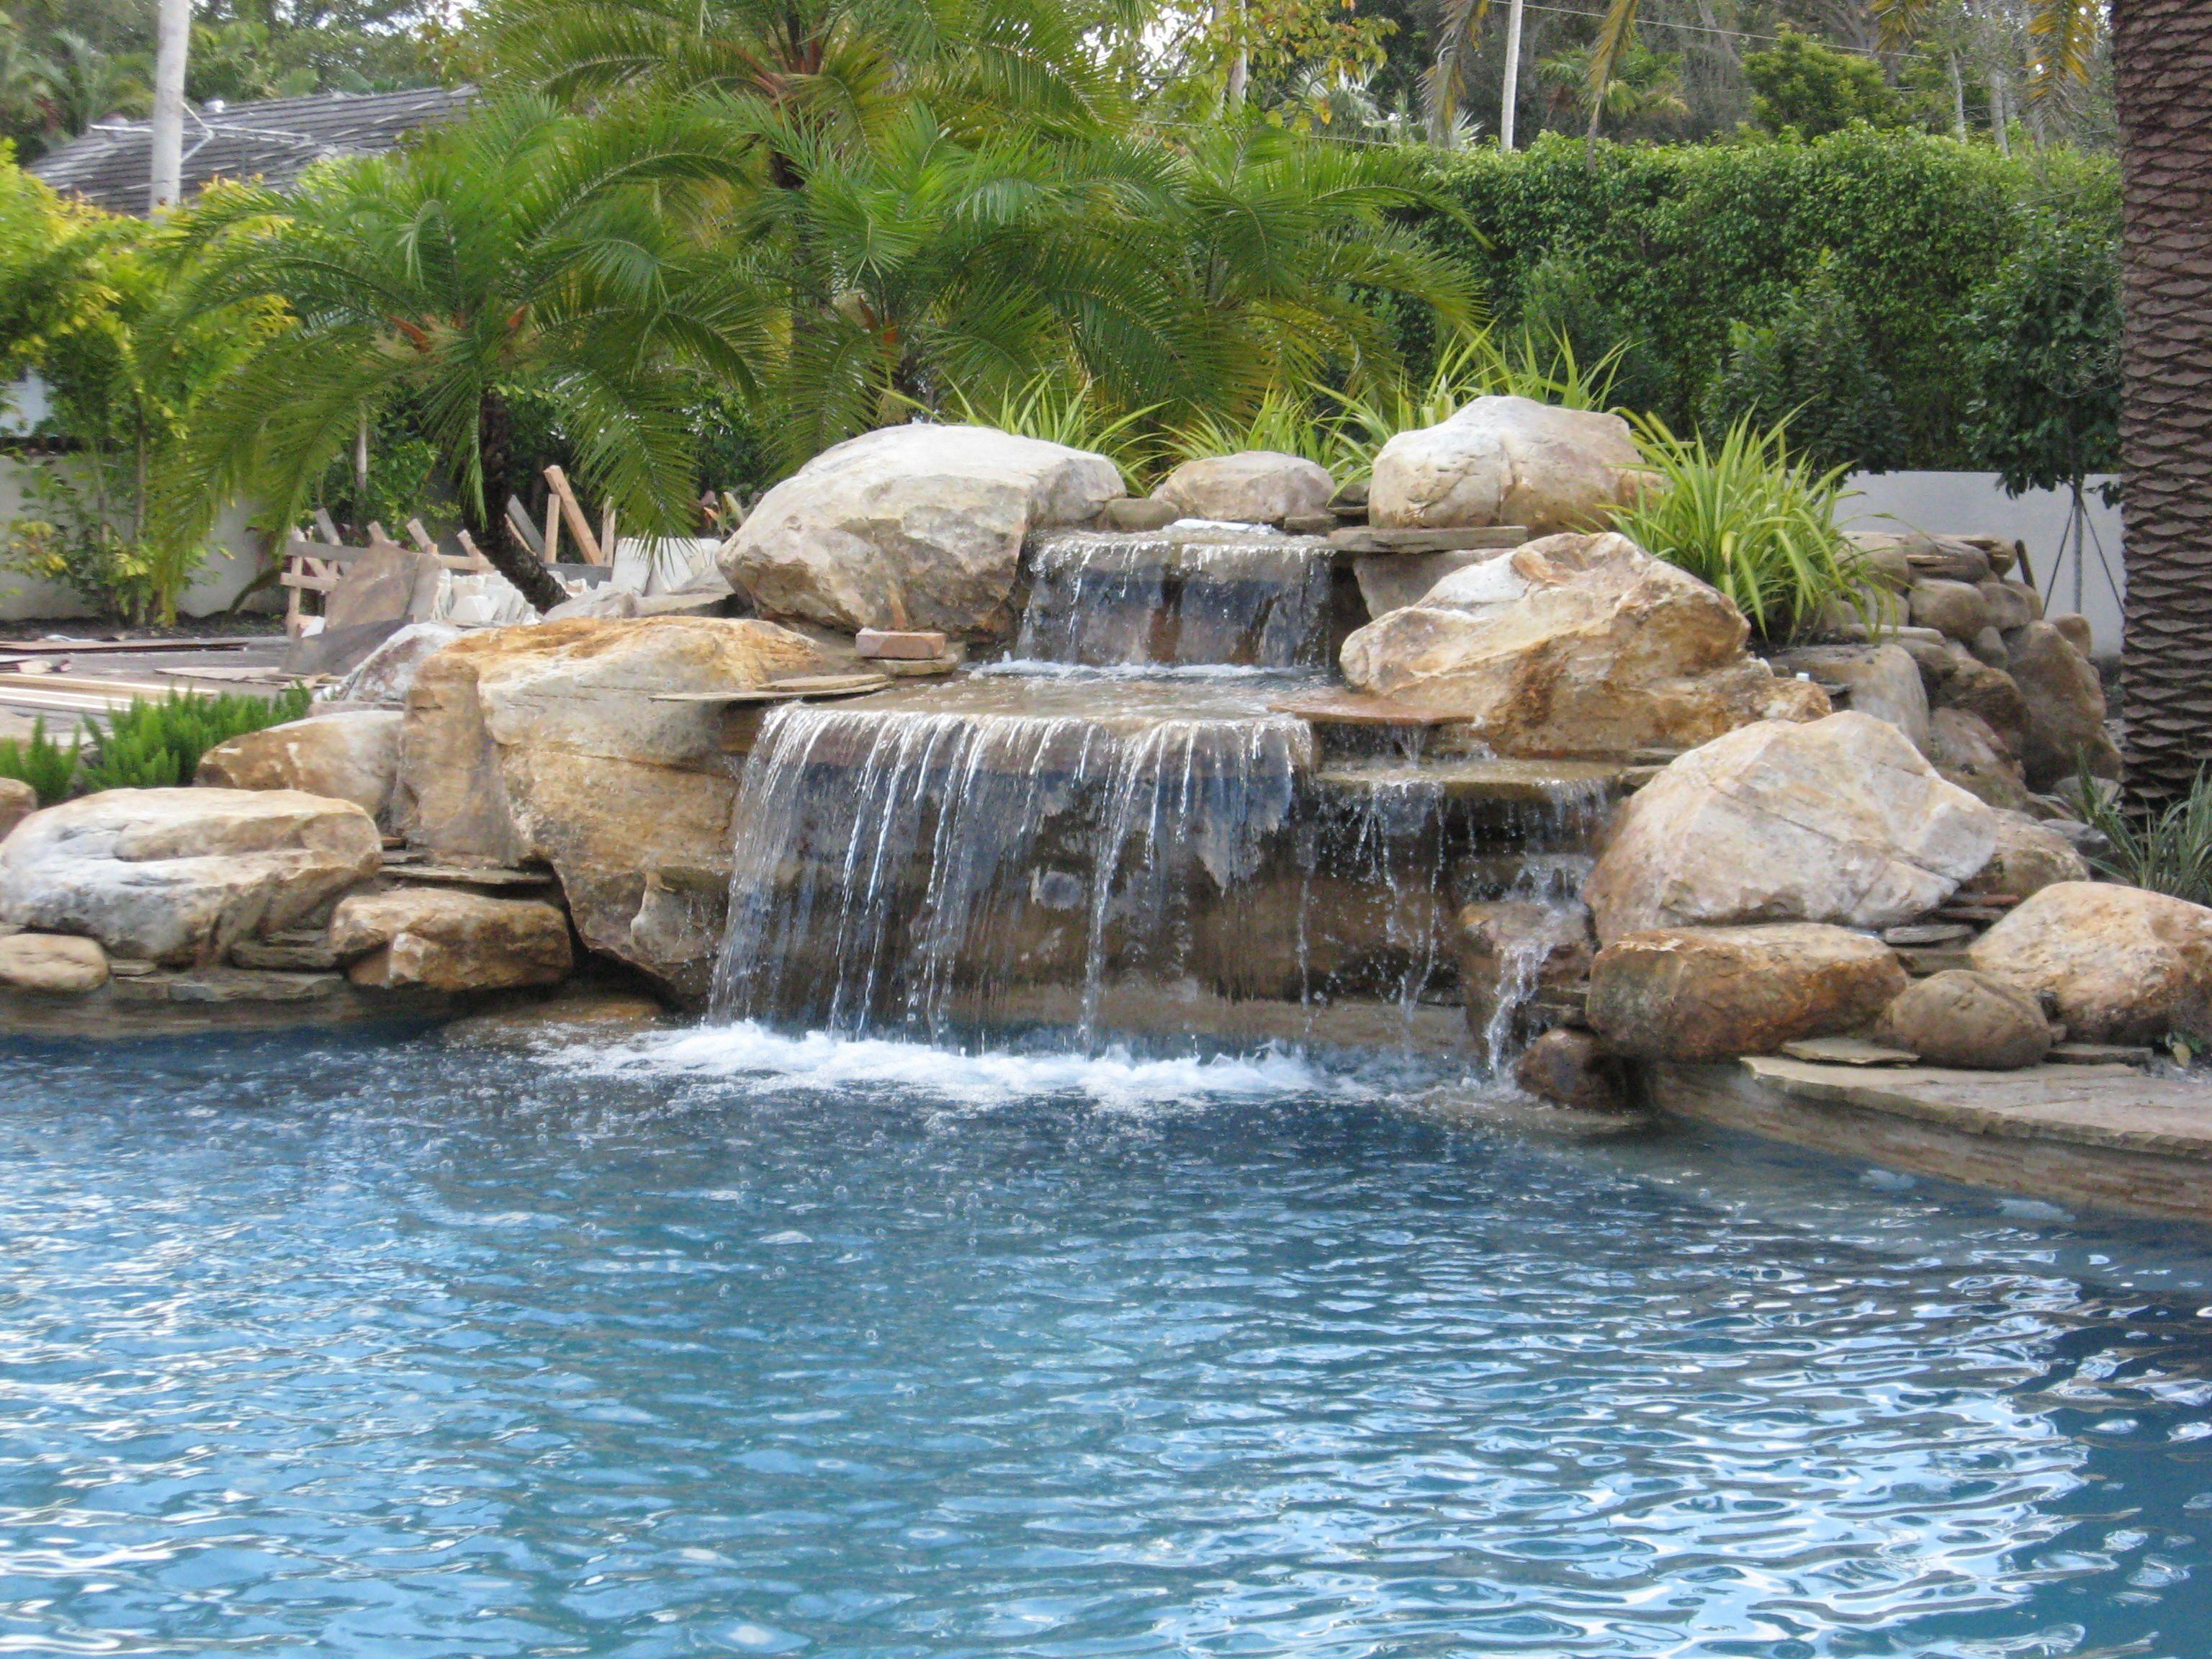 25 Incredible Swimming Pool Design Ideas With Waterfall For Your Backyard Swimming Pool Waterfall Pool Waterfall Walk In Pool